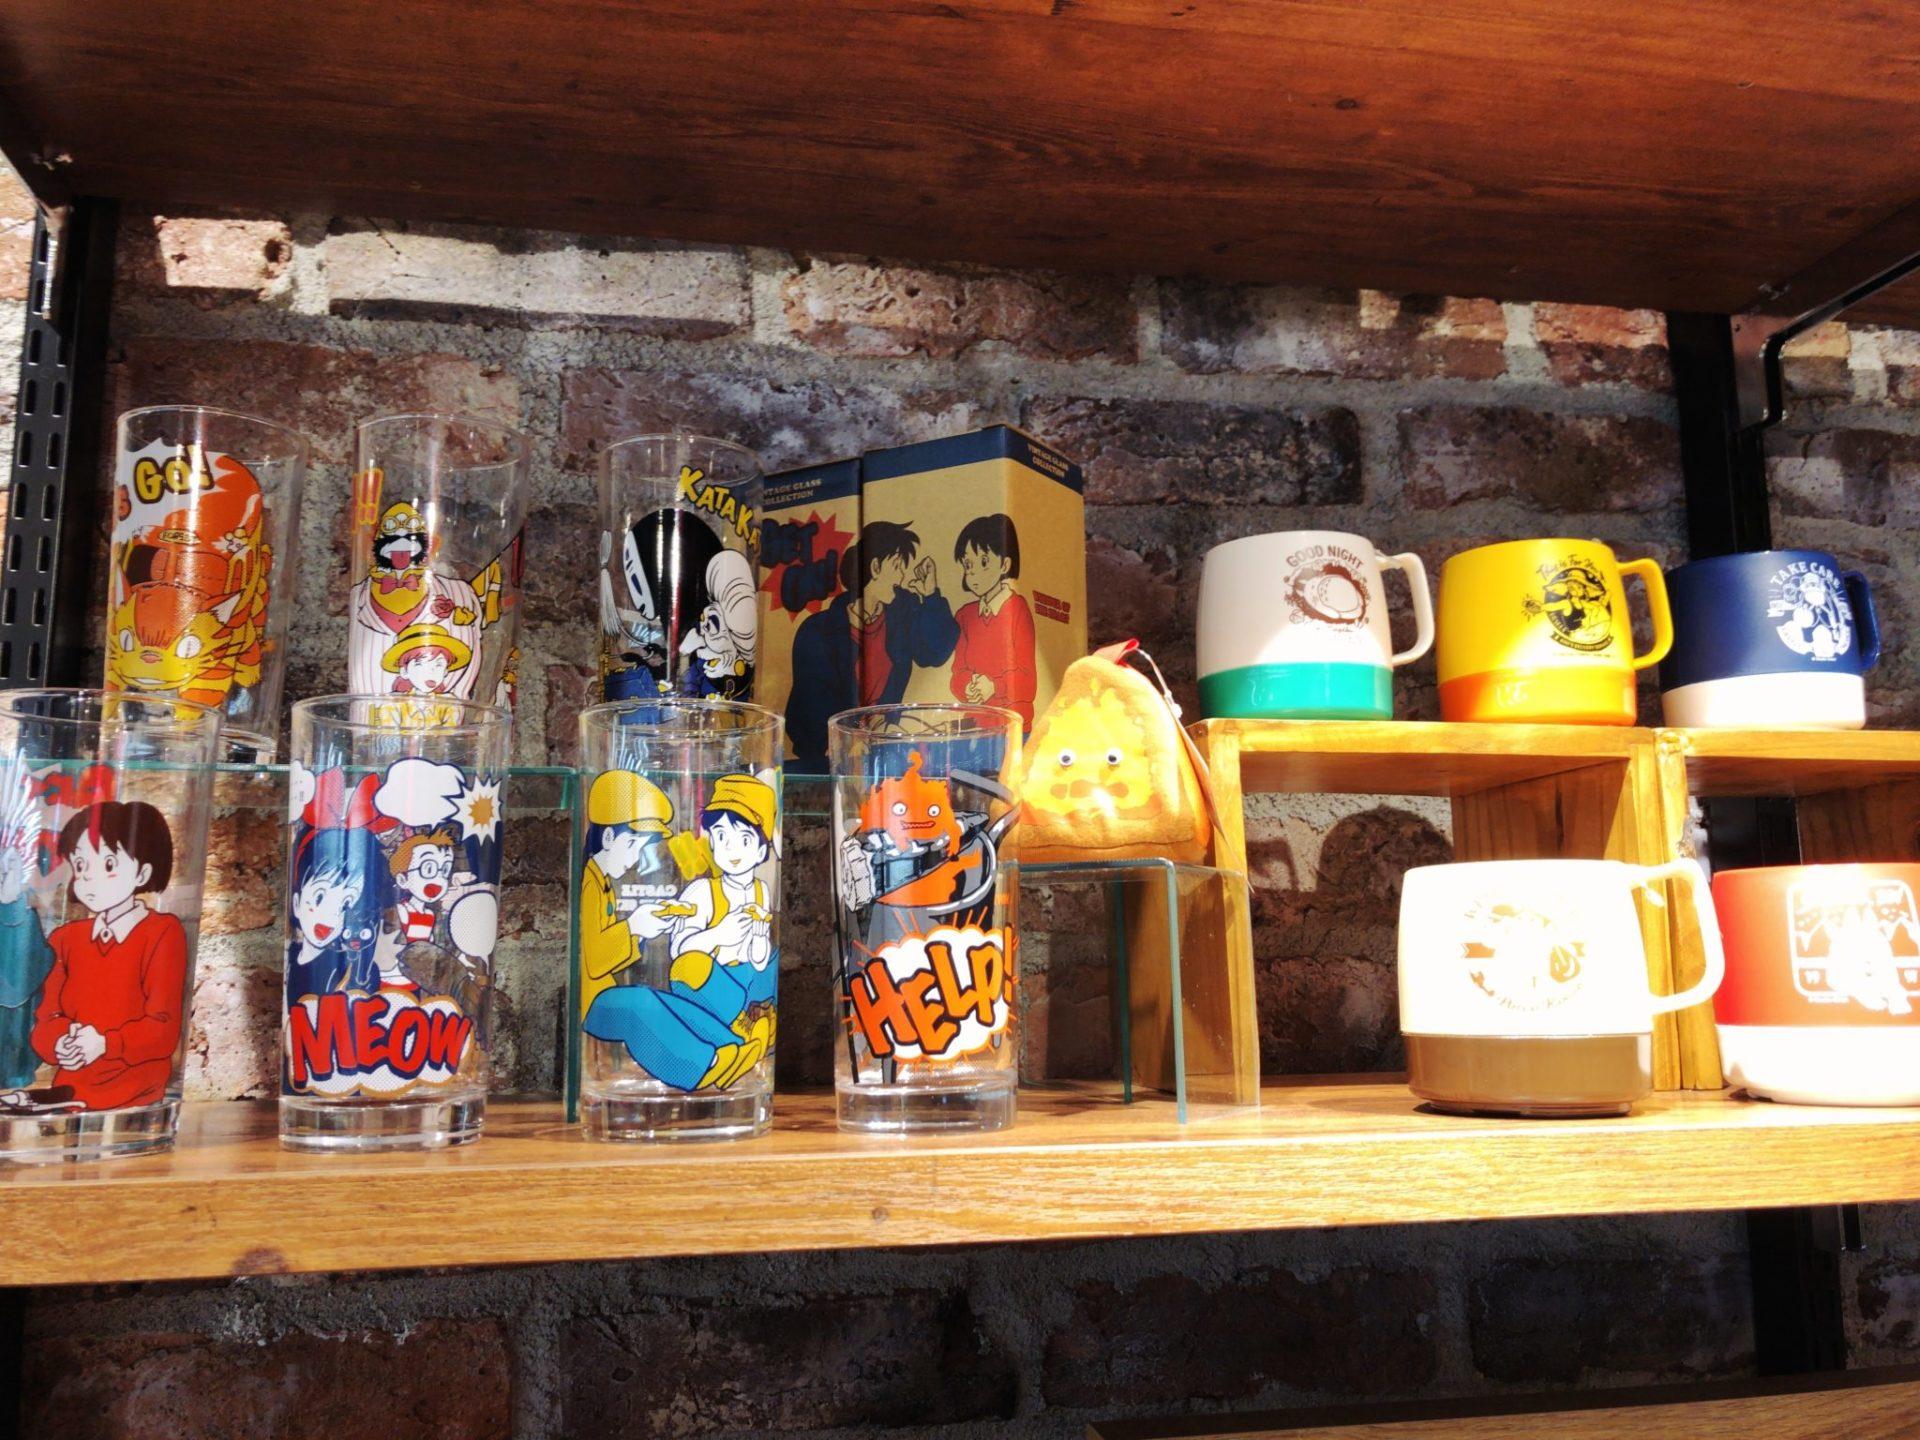 GBL ミヤシタパーク店で販売しているマグカップ